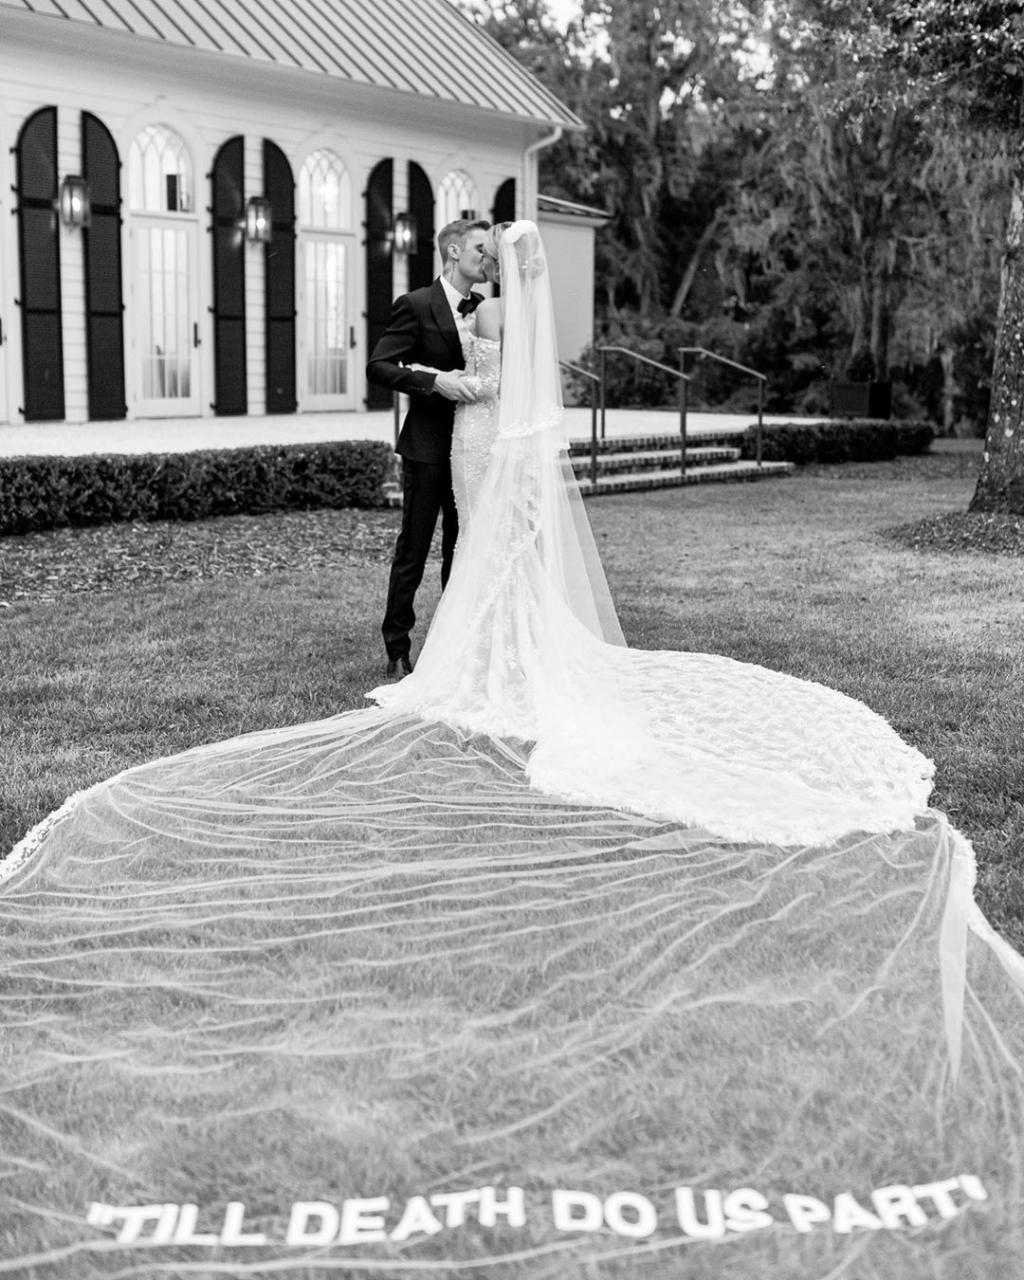 Джастин и Хейли Бибер поделились подробностями свадьбы